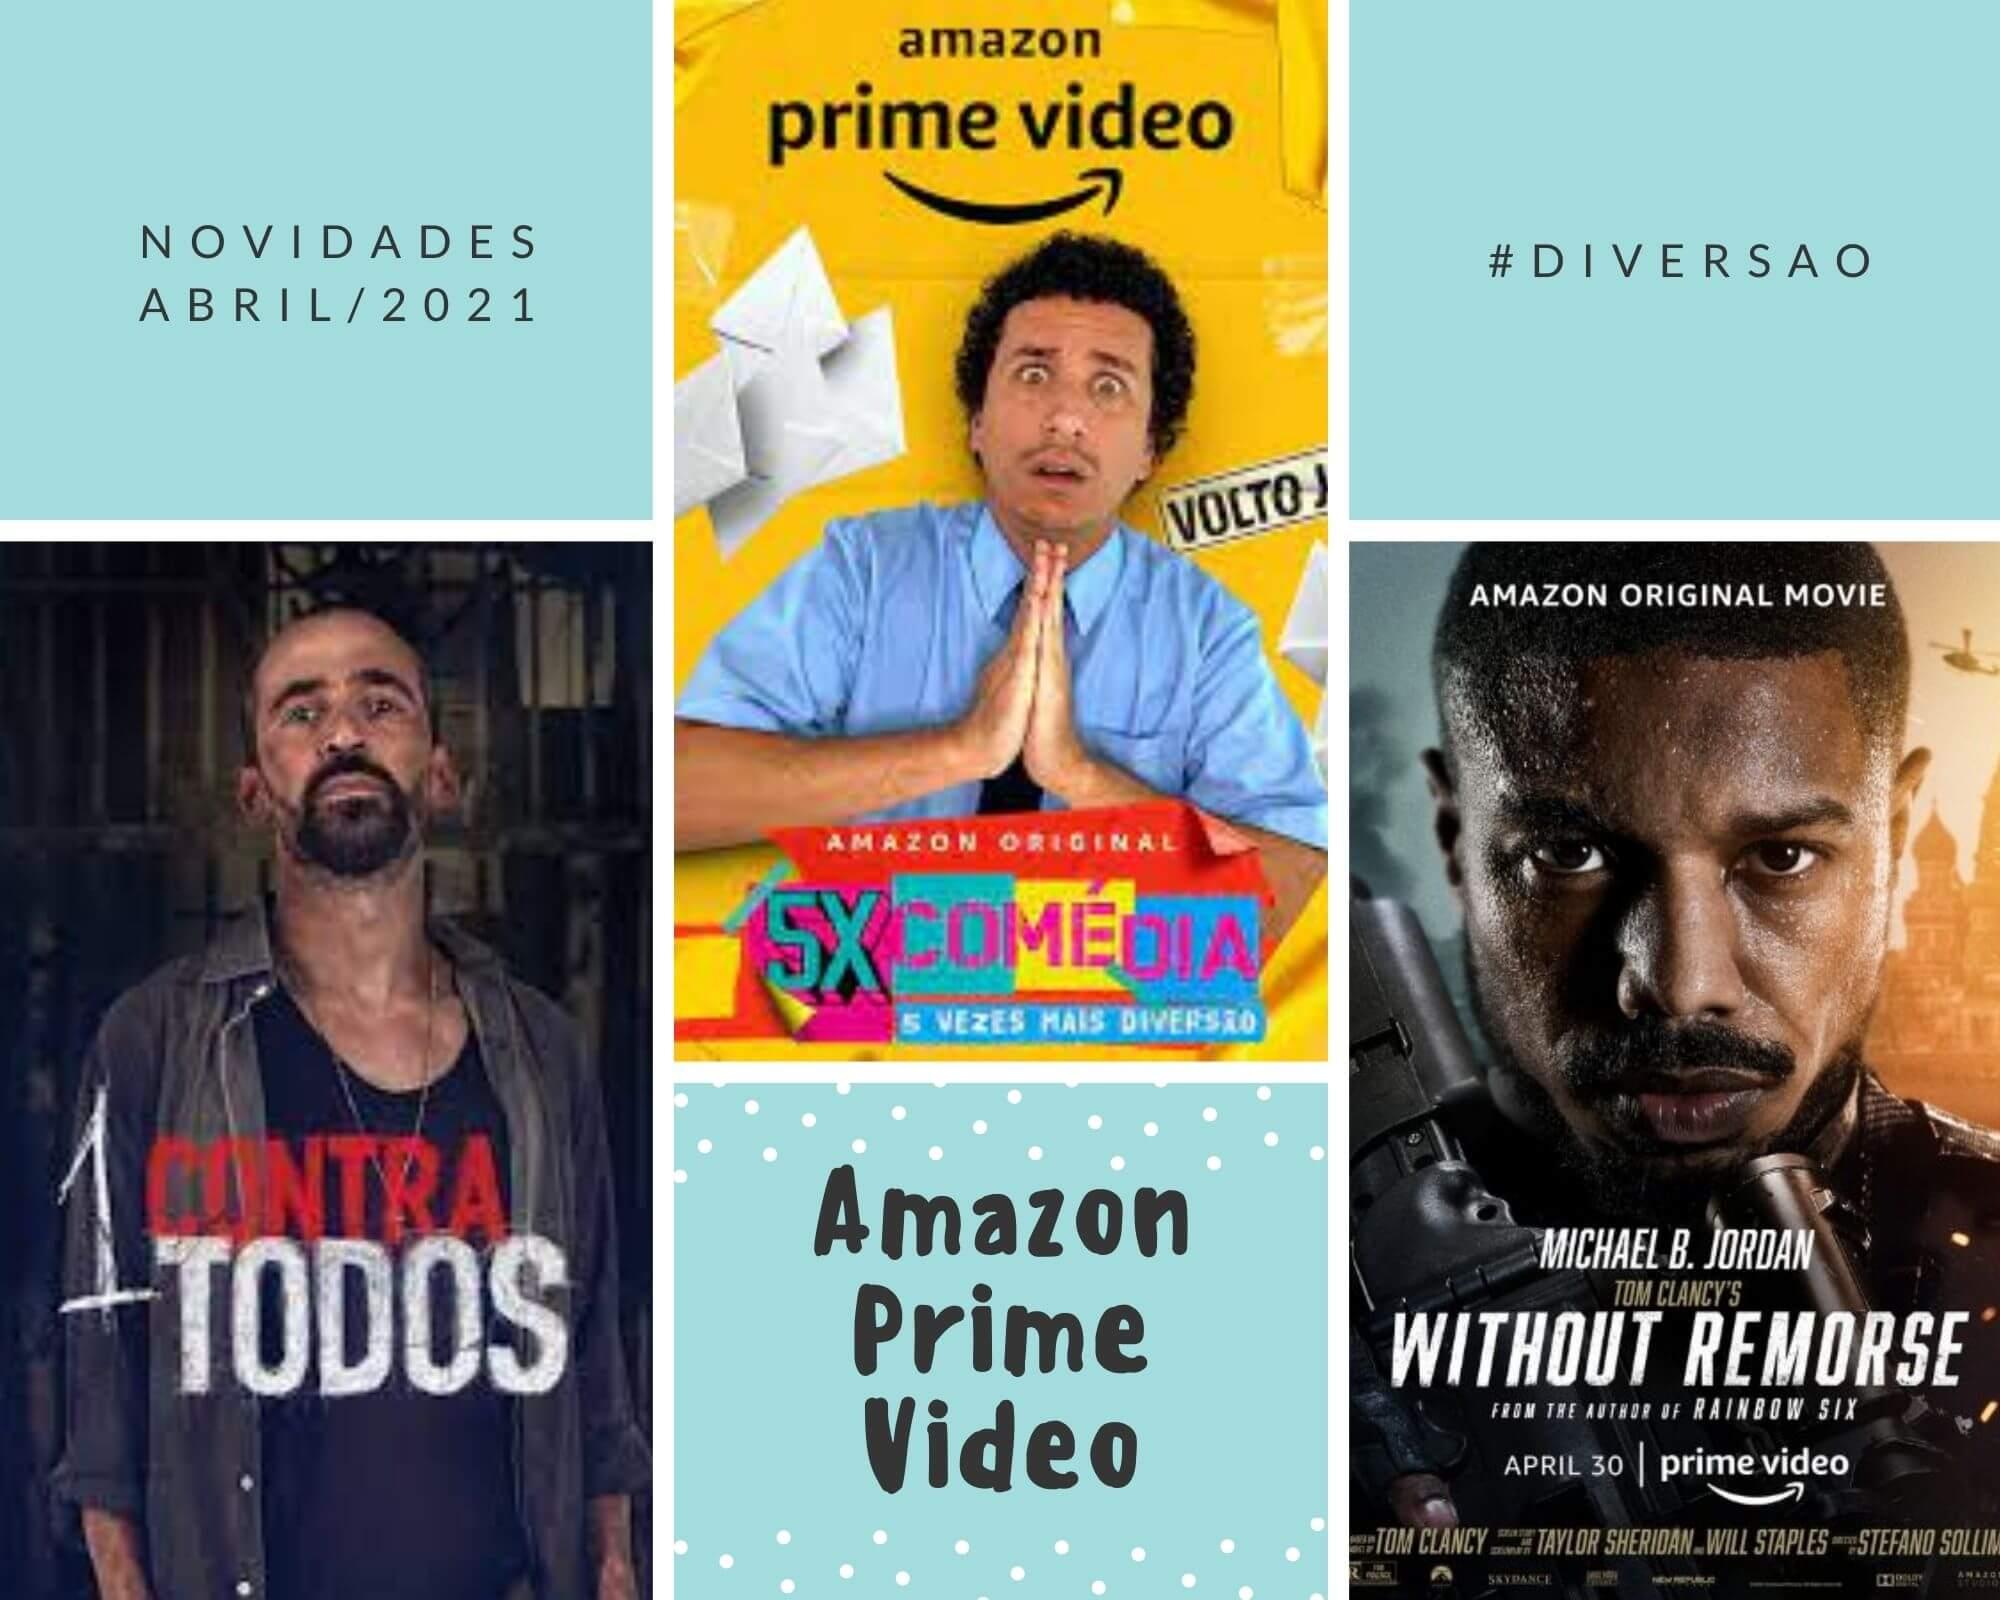 Novidades Amazon Prime Video abril 2021